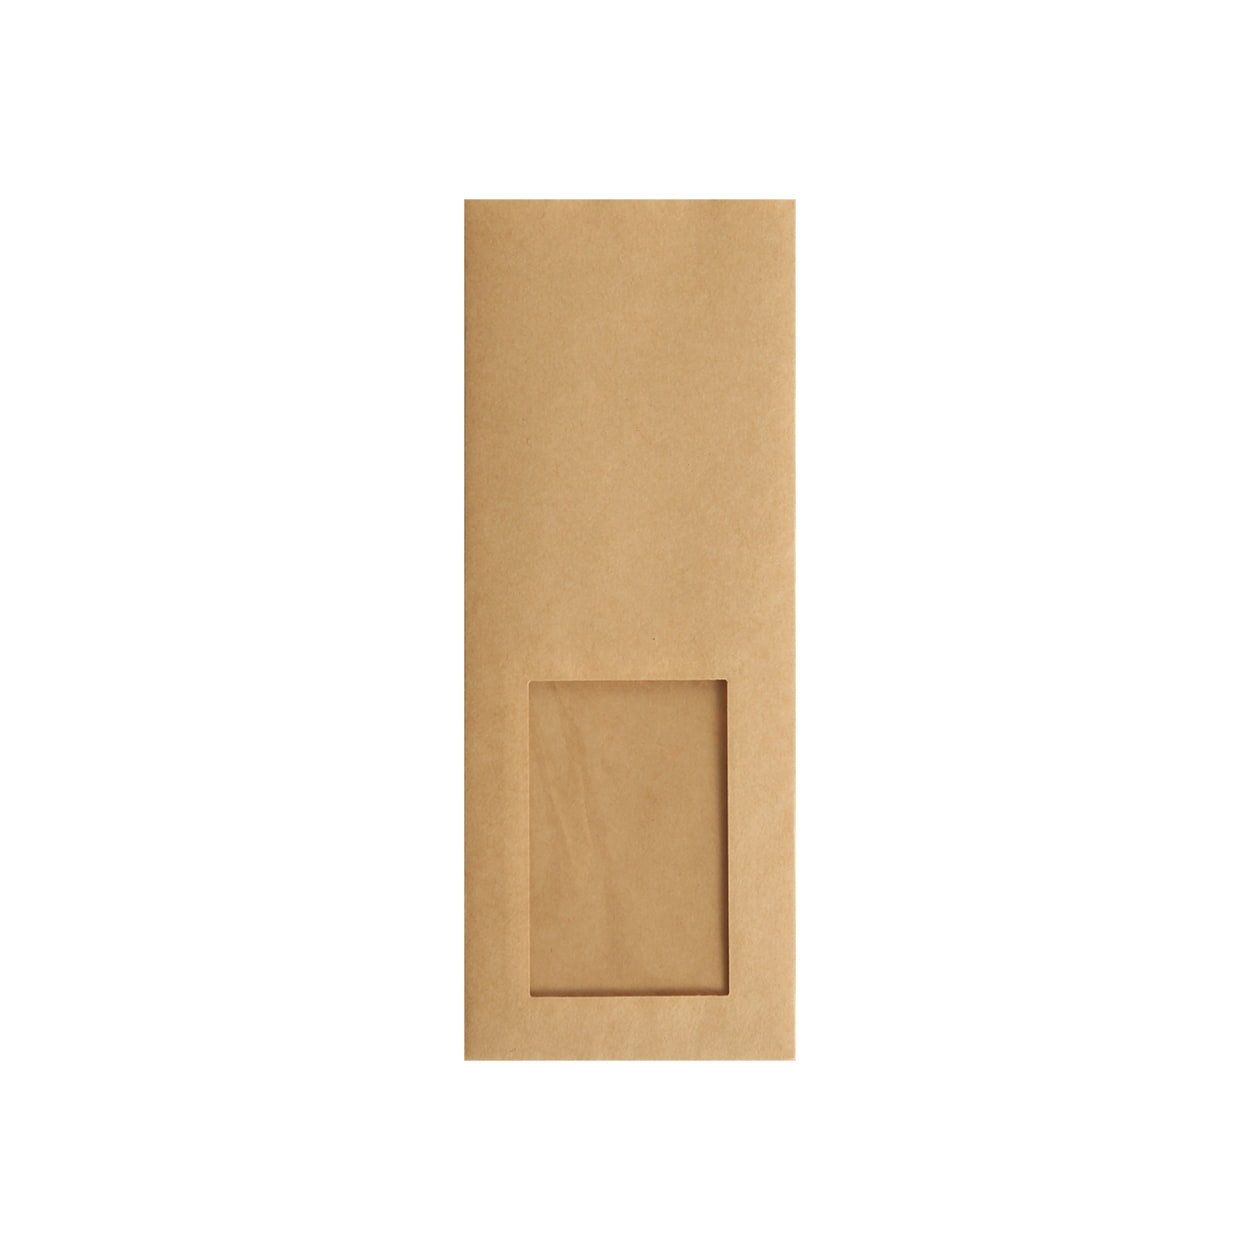 平袋90×235窓付 未晒クラフト 70g